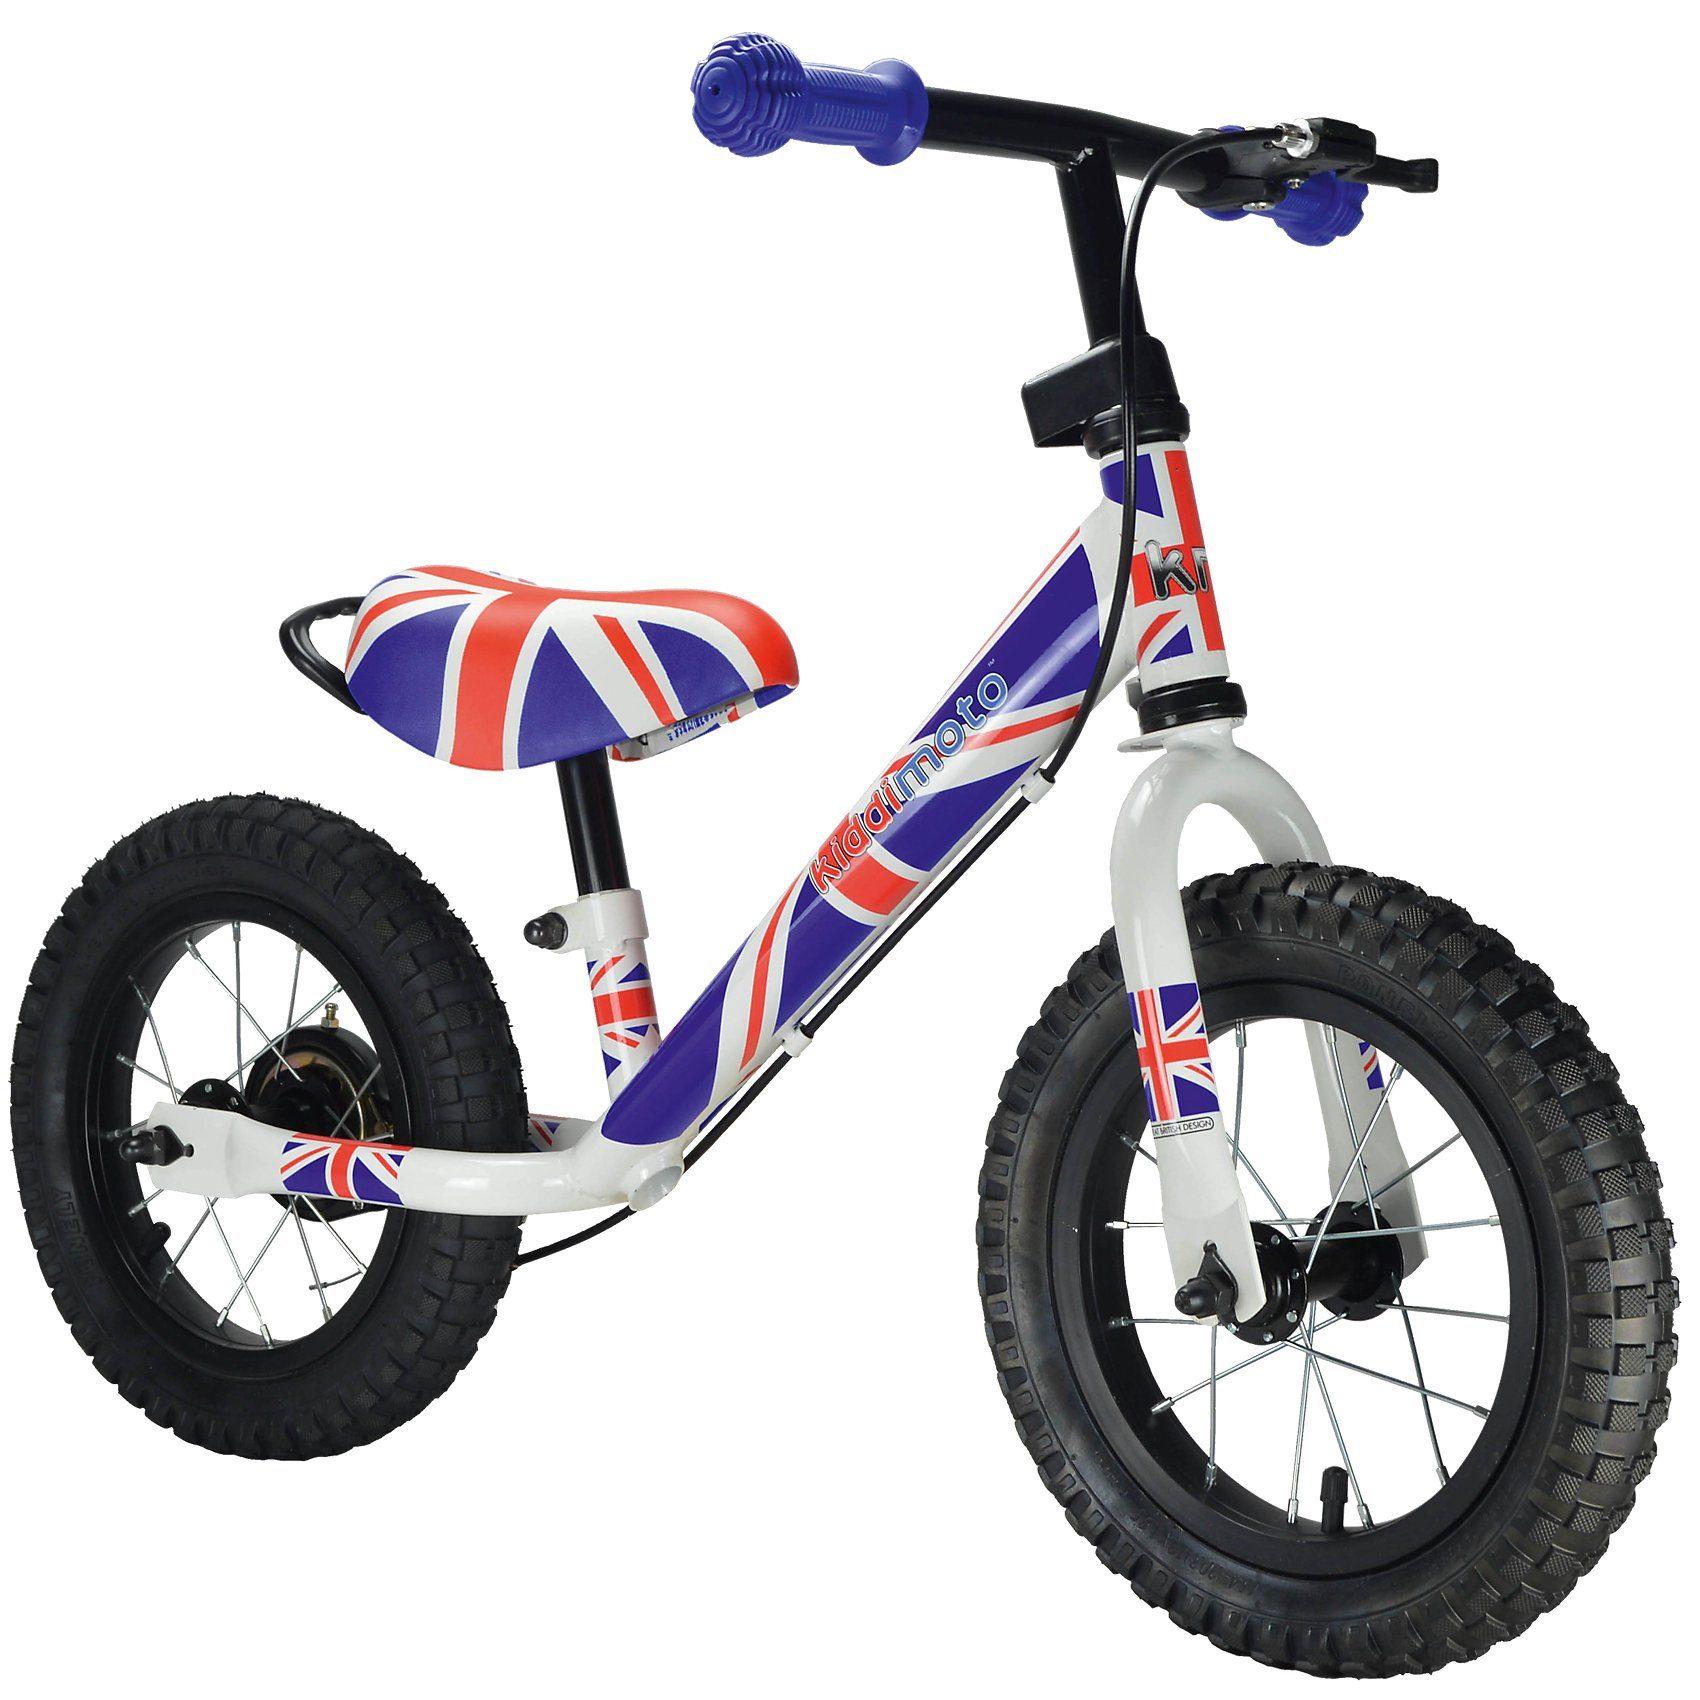 kiddimoto Metall Laufrad mit Bremse, Union Jack